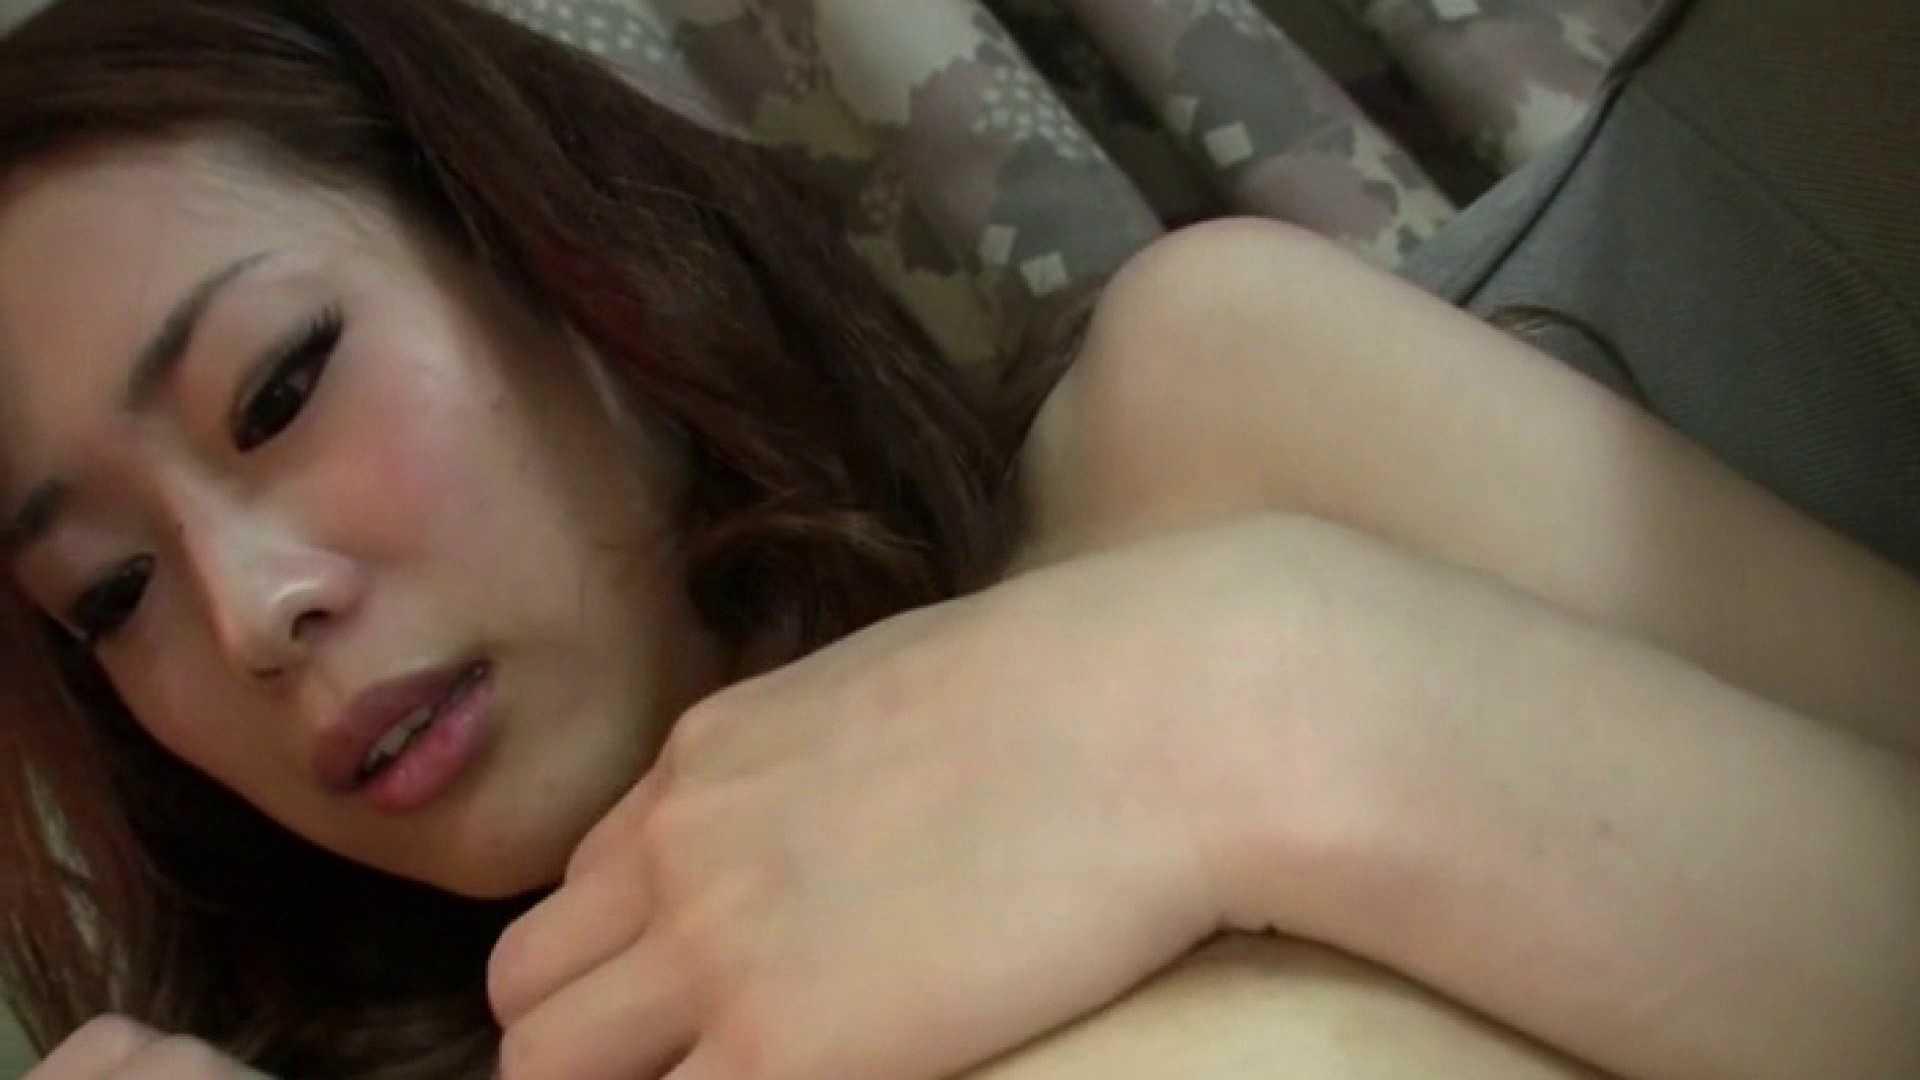 おしえてギャル子のH塾 Vol.34前編 手マンギャル 盗み撮り動画キャプチャ 103連発 61